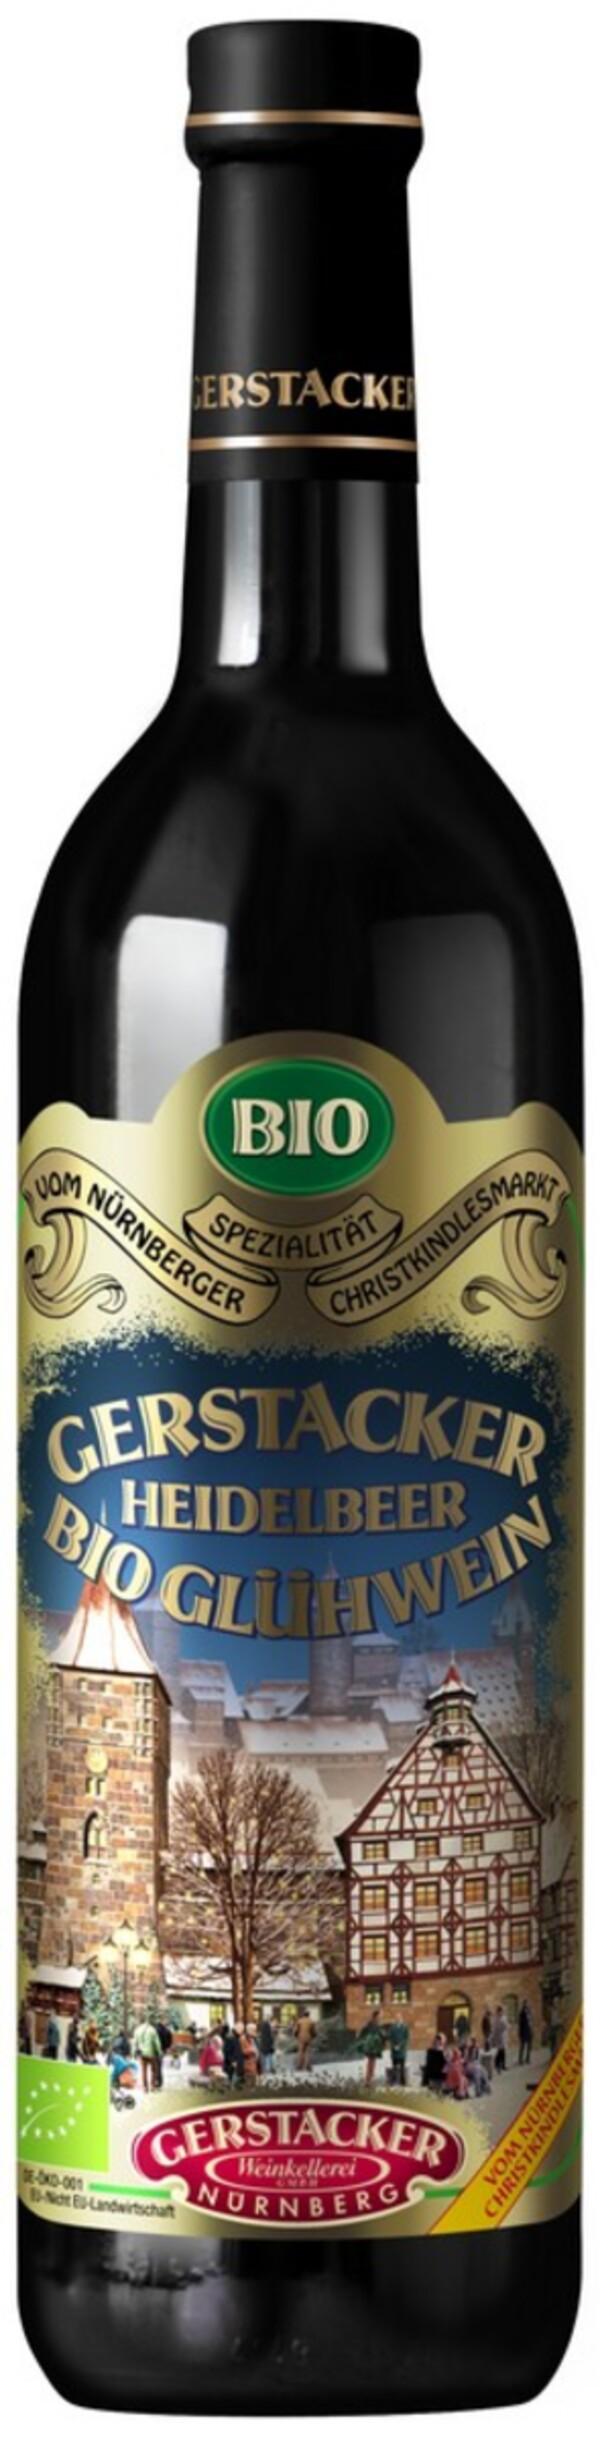 Gerstacker BIO Heidelbeer-Glühwein 0,745l